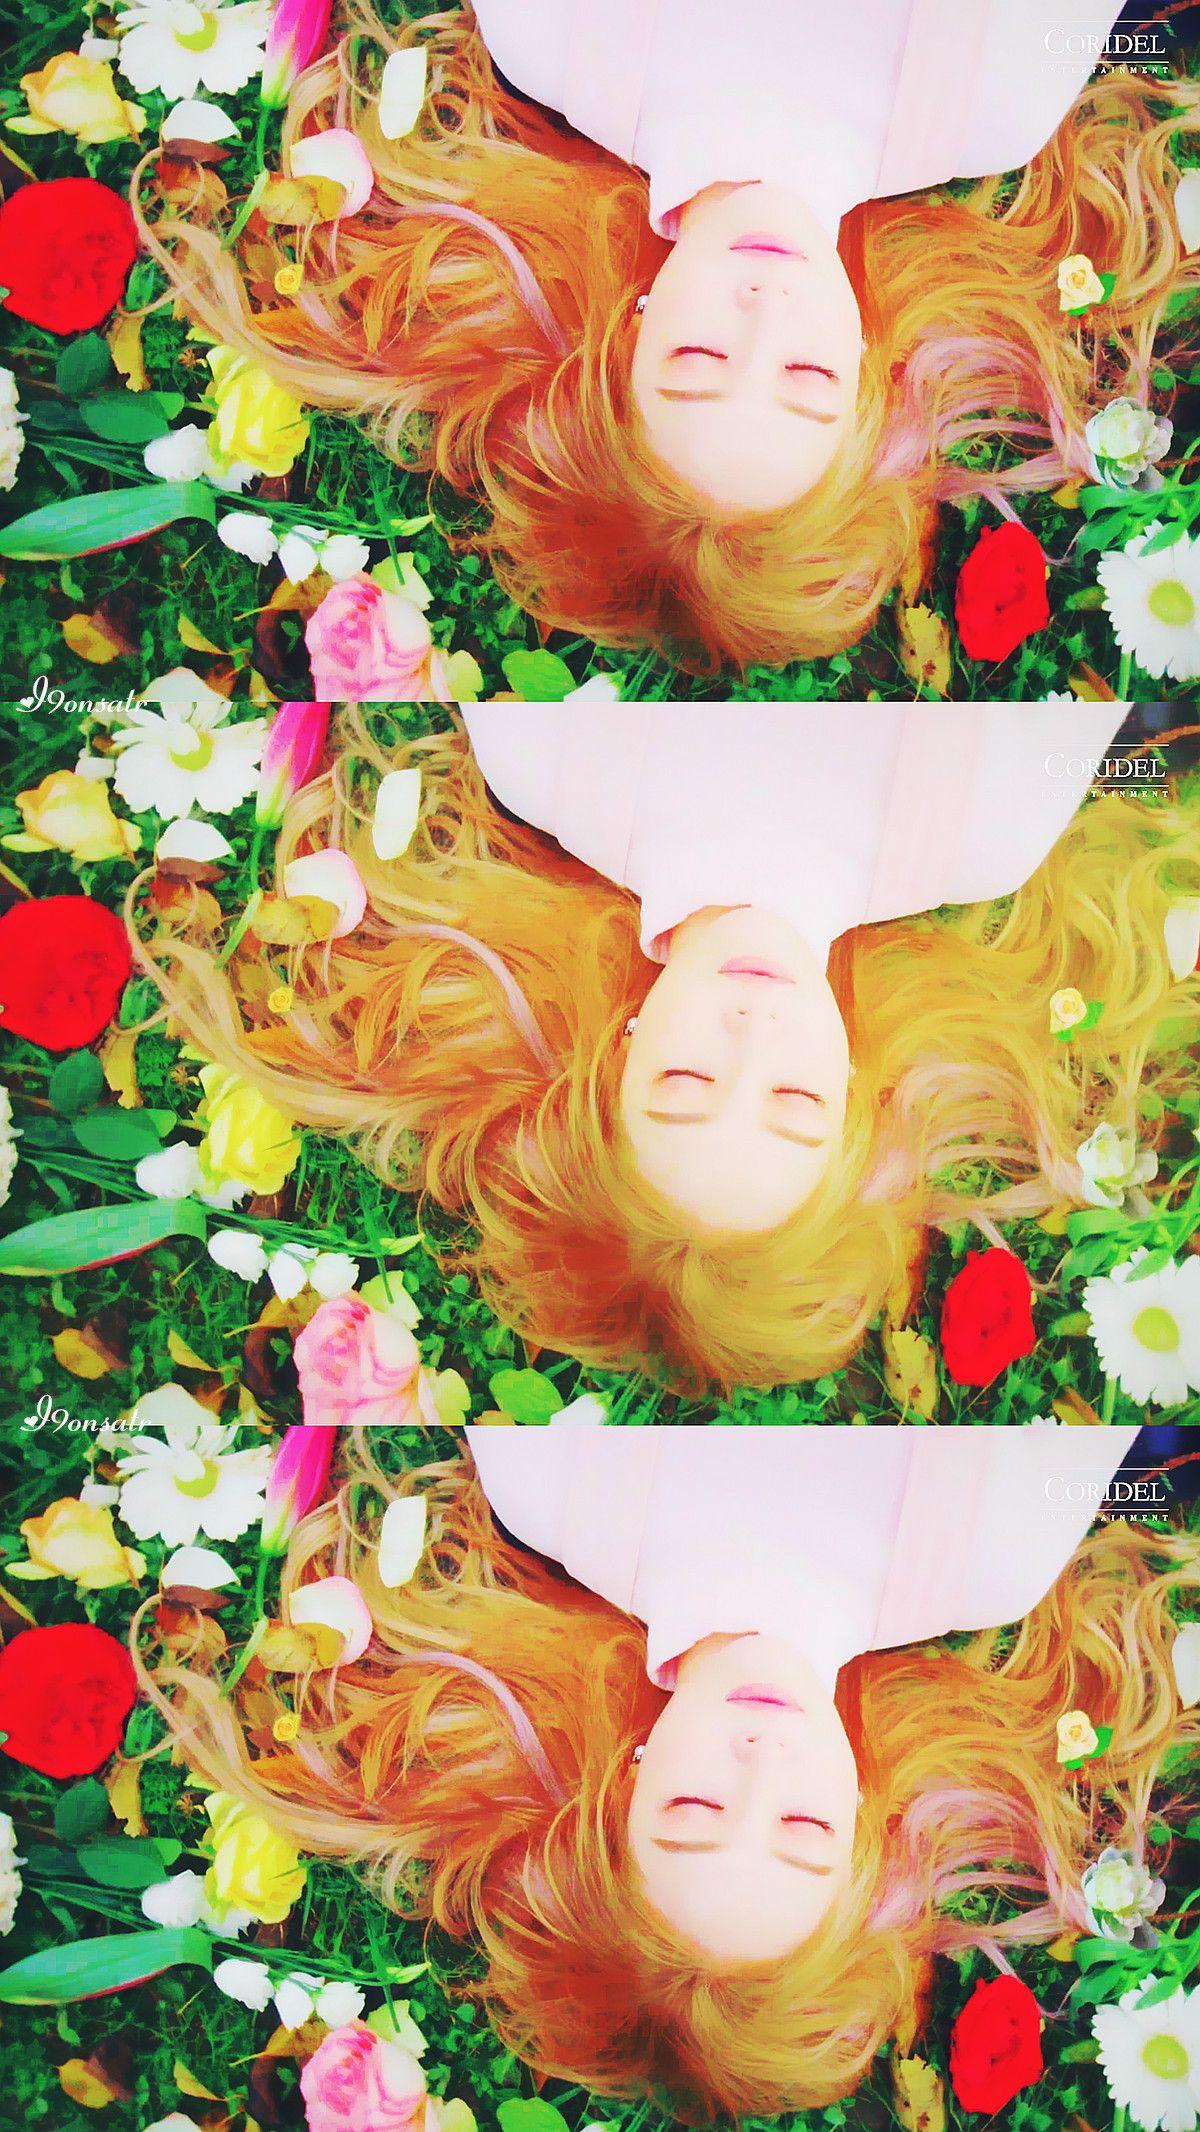 [MV/CAP]Jessica郑秀妍/정수연/Jessica Jung/ Wonderland Jessica